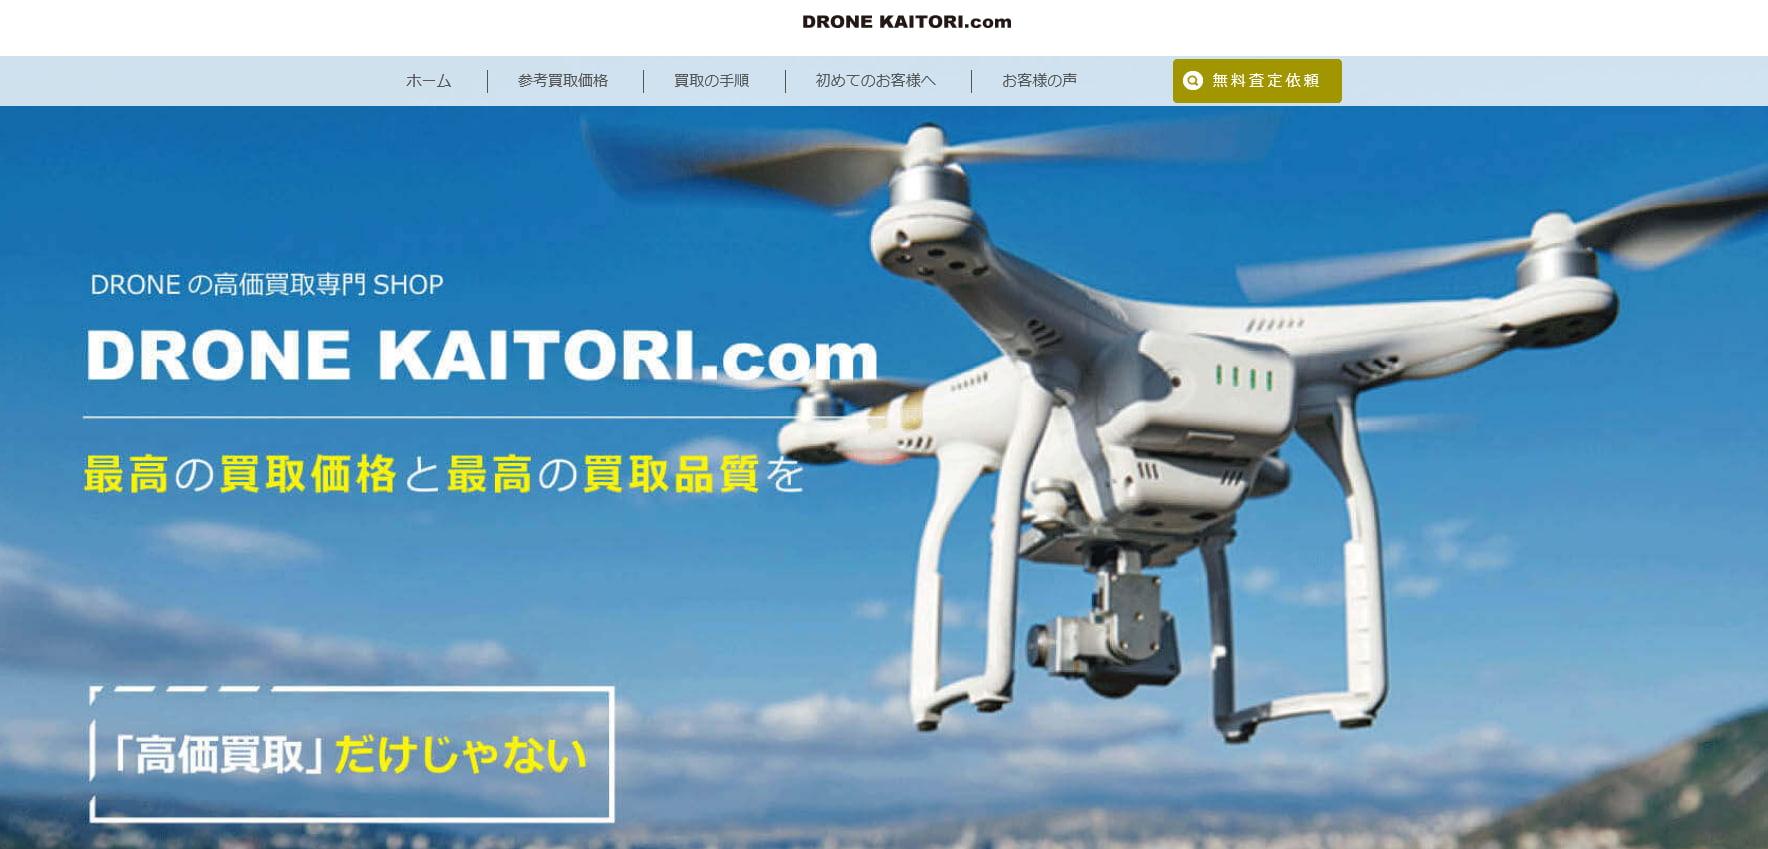 ドローン買取おすすめ店DRONEKAITORI.com